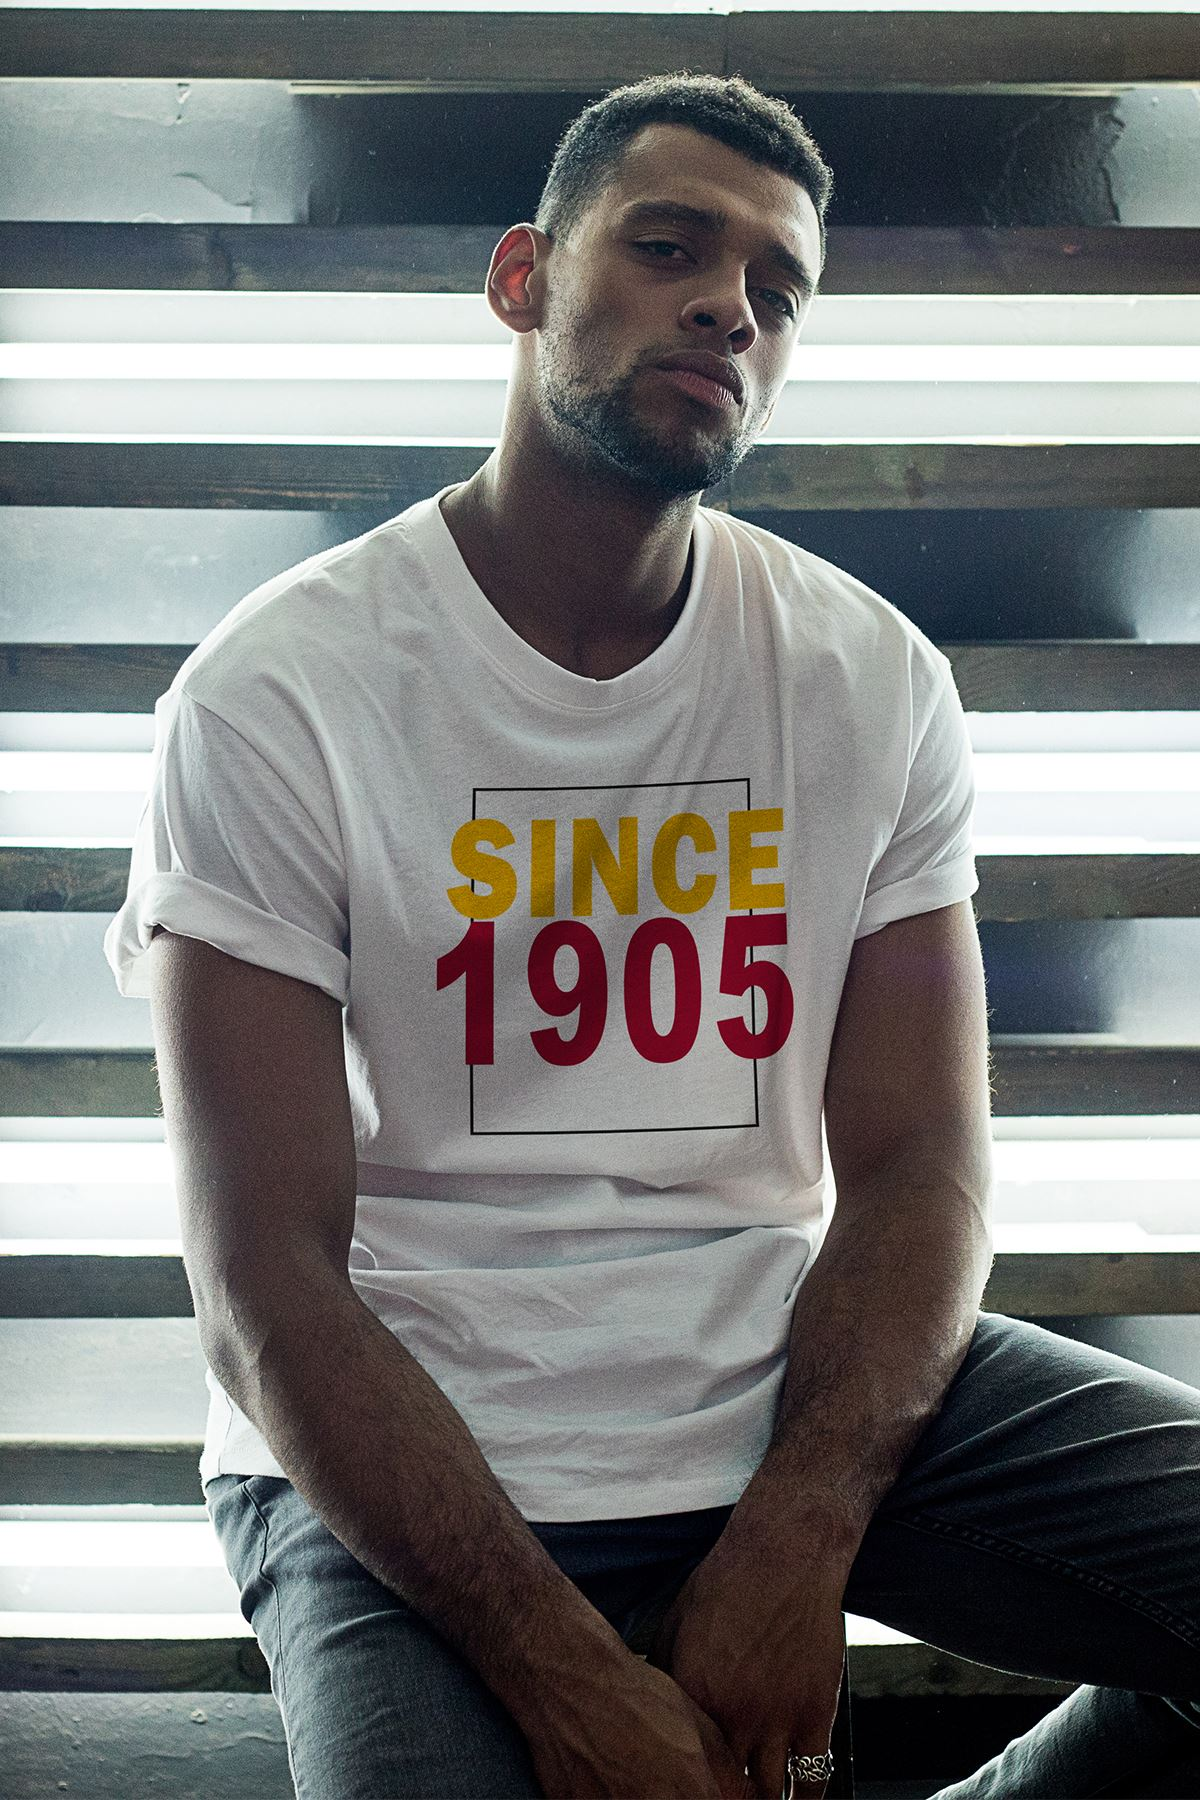 Since 1905 Beyaz Erkek Oversize Tshirt - Tişört